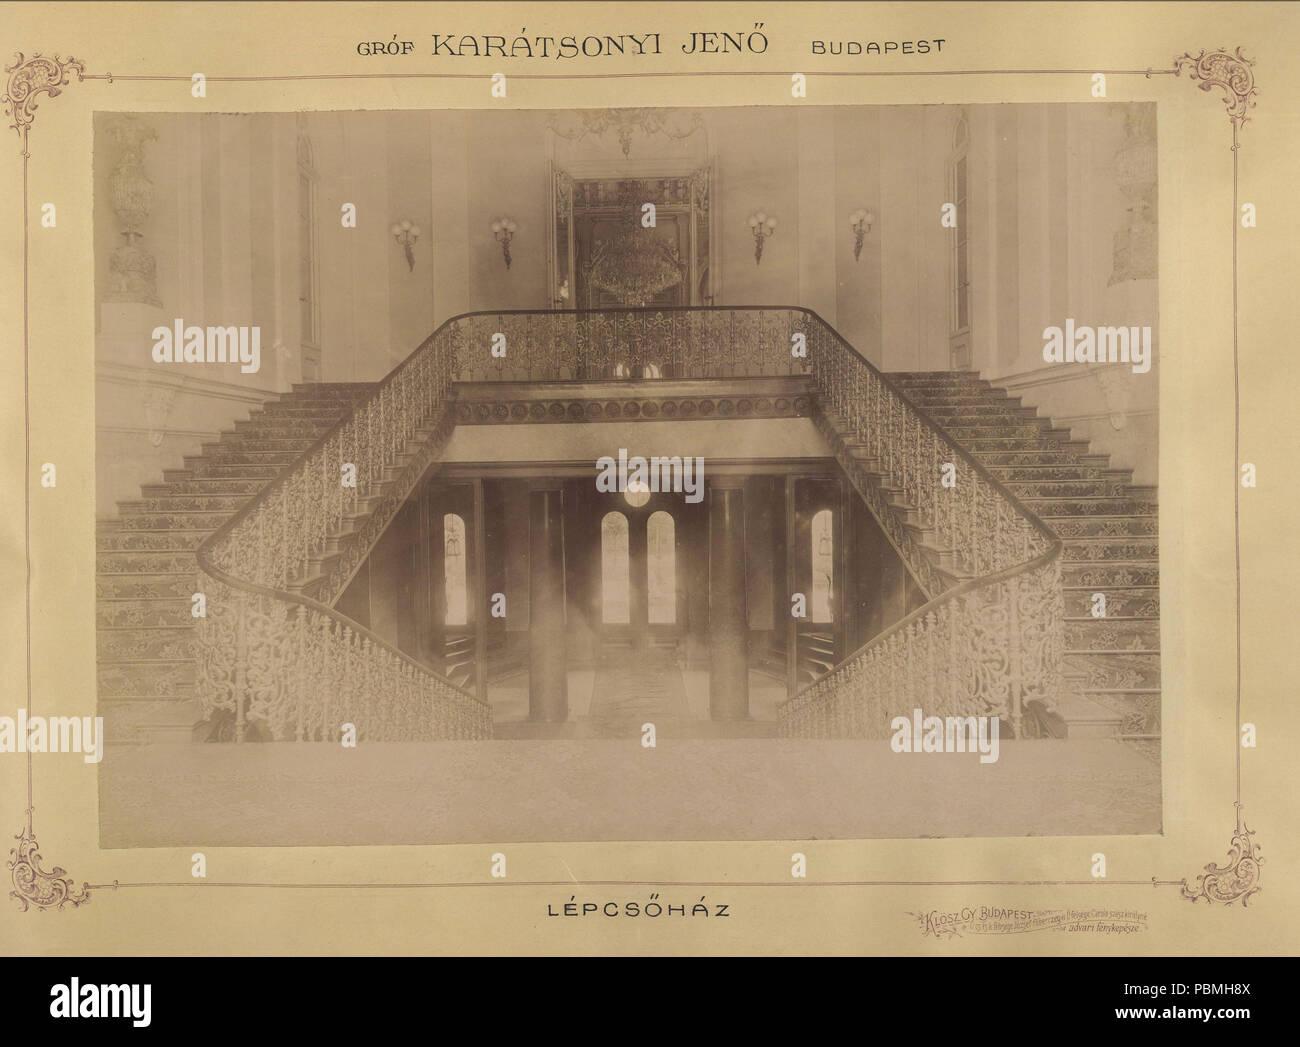 868 Krisztina körút 55., a Karátsonyi-palota (lebontották) lépcsőháza. - Budapest, Fortepan 83163 - Stock Image